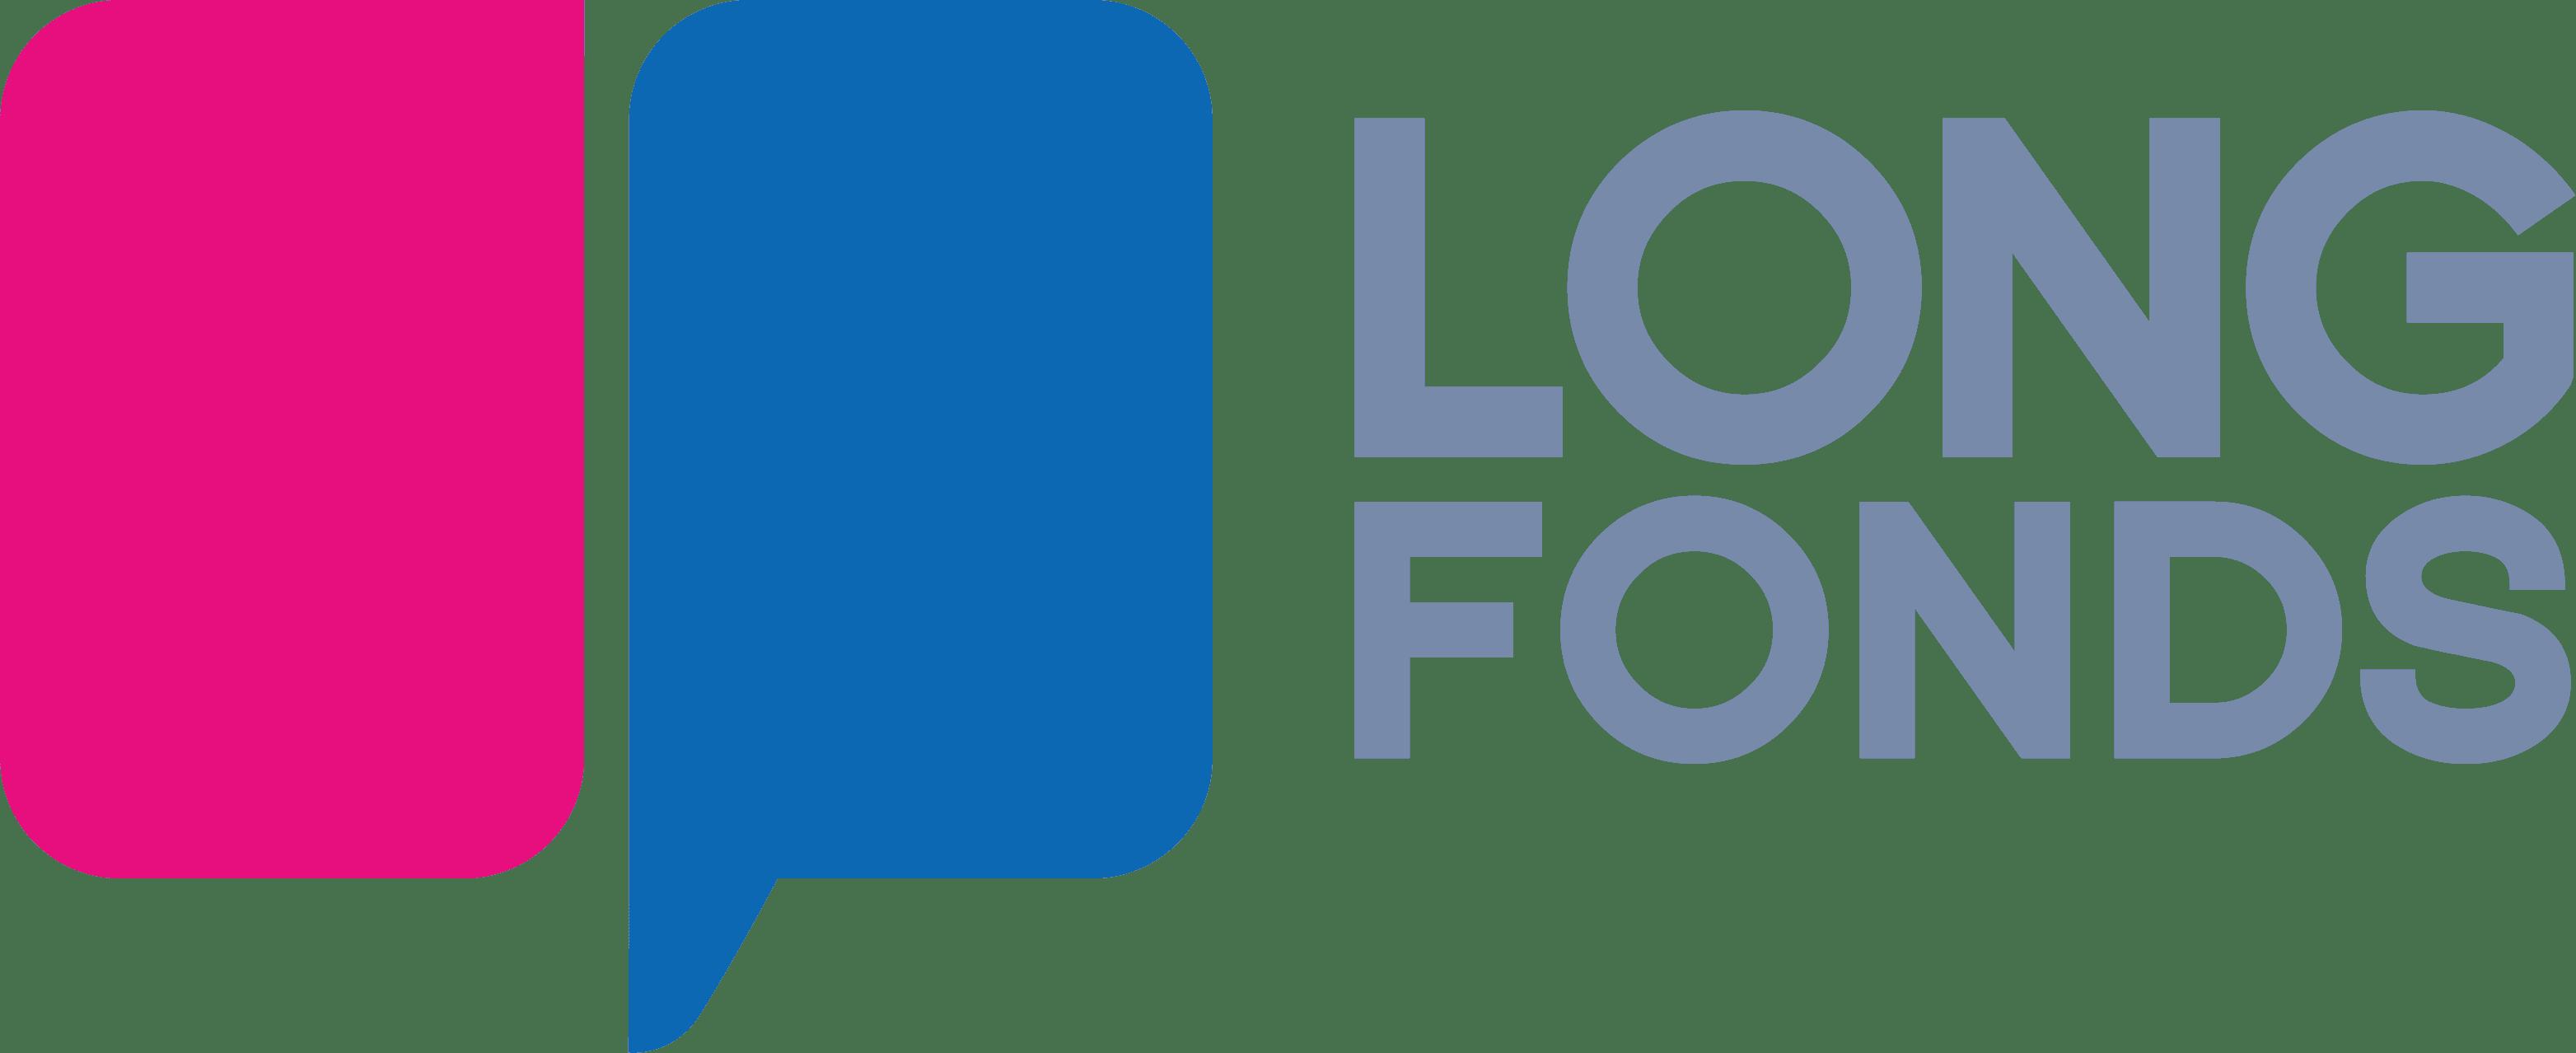 Case - Longfonds